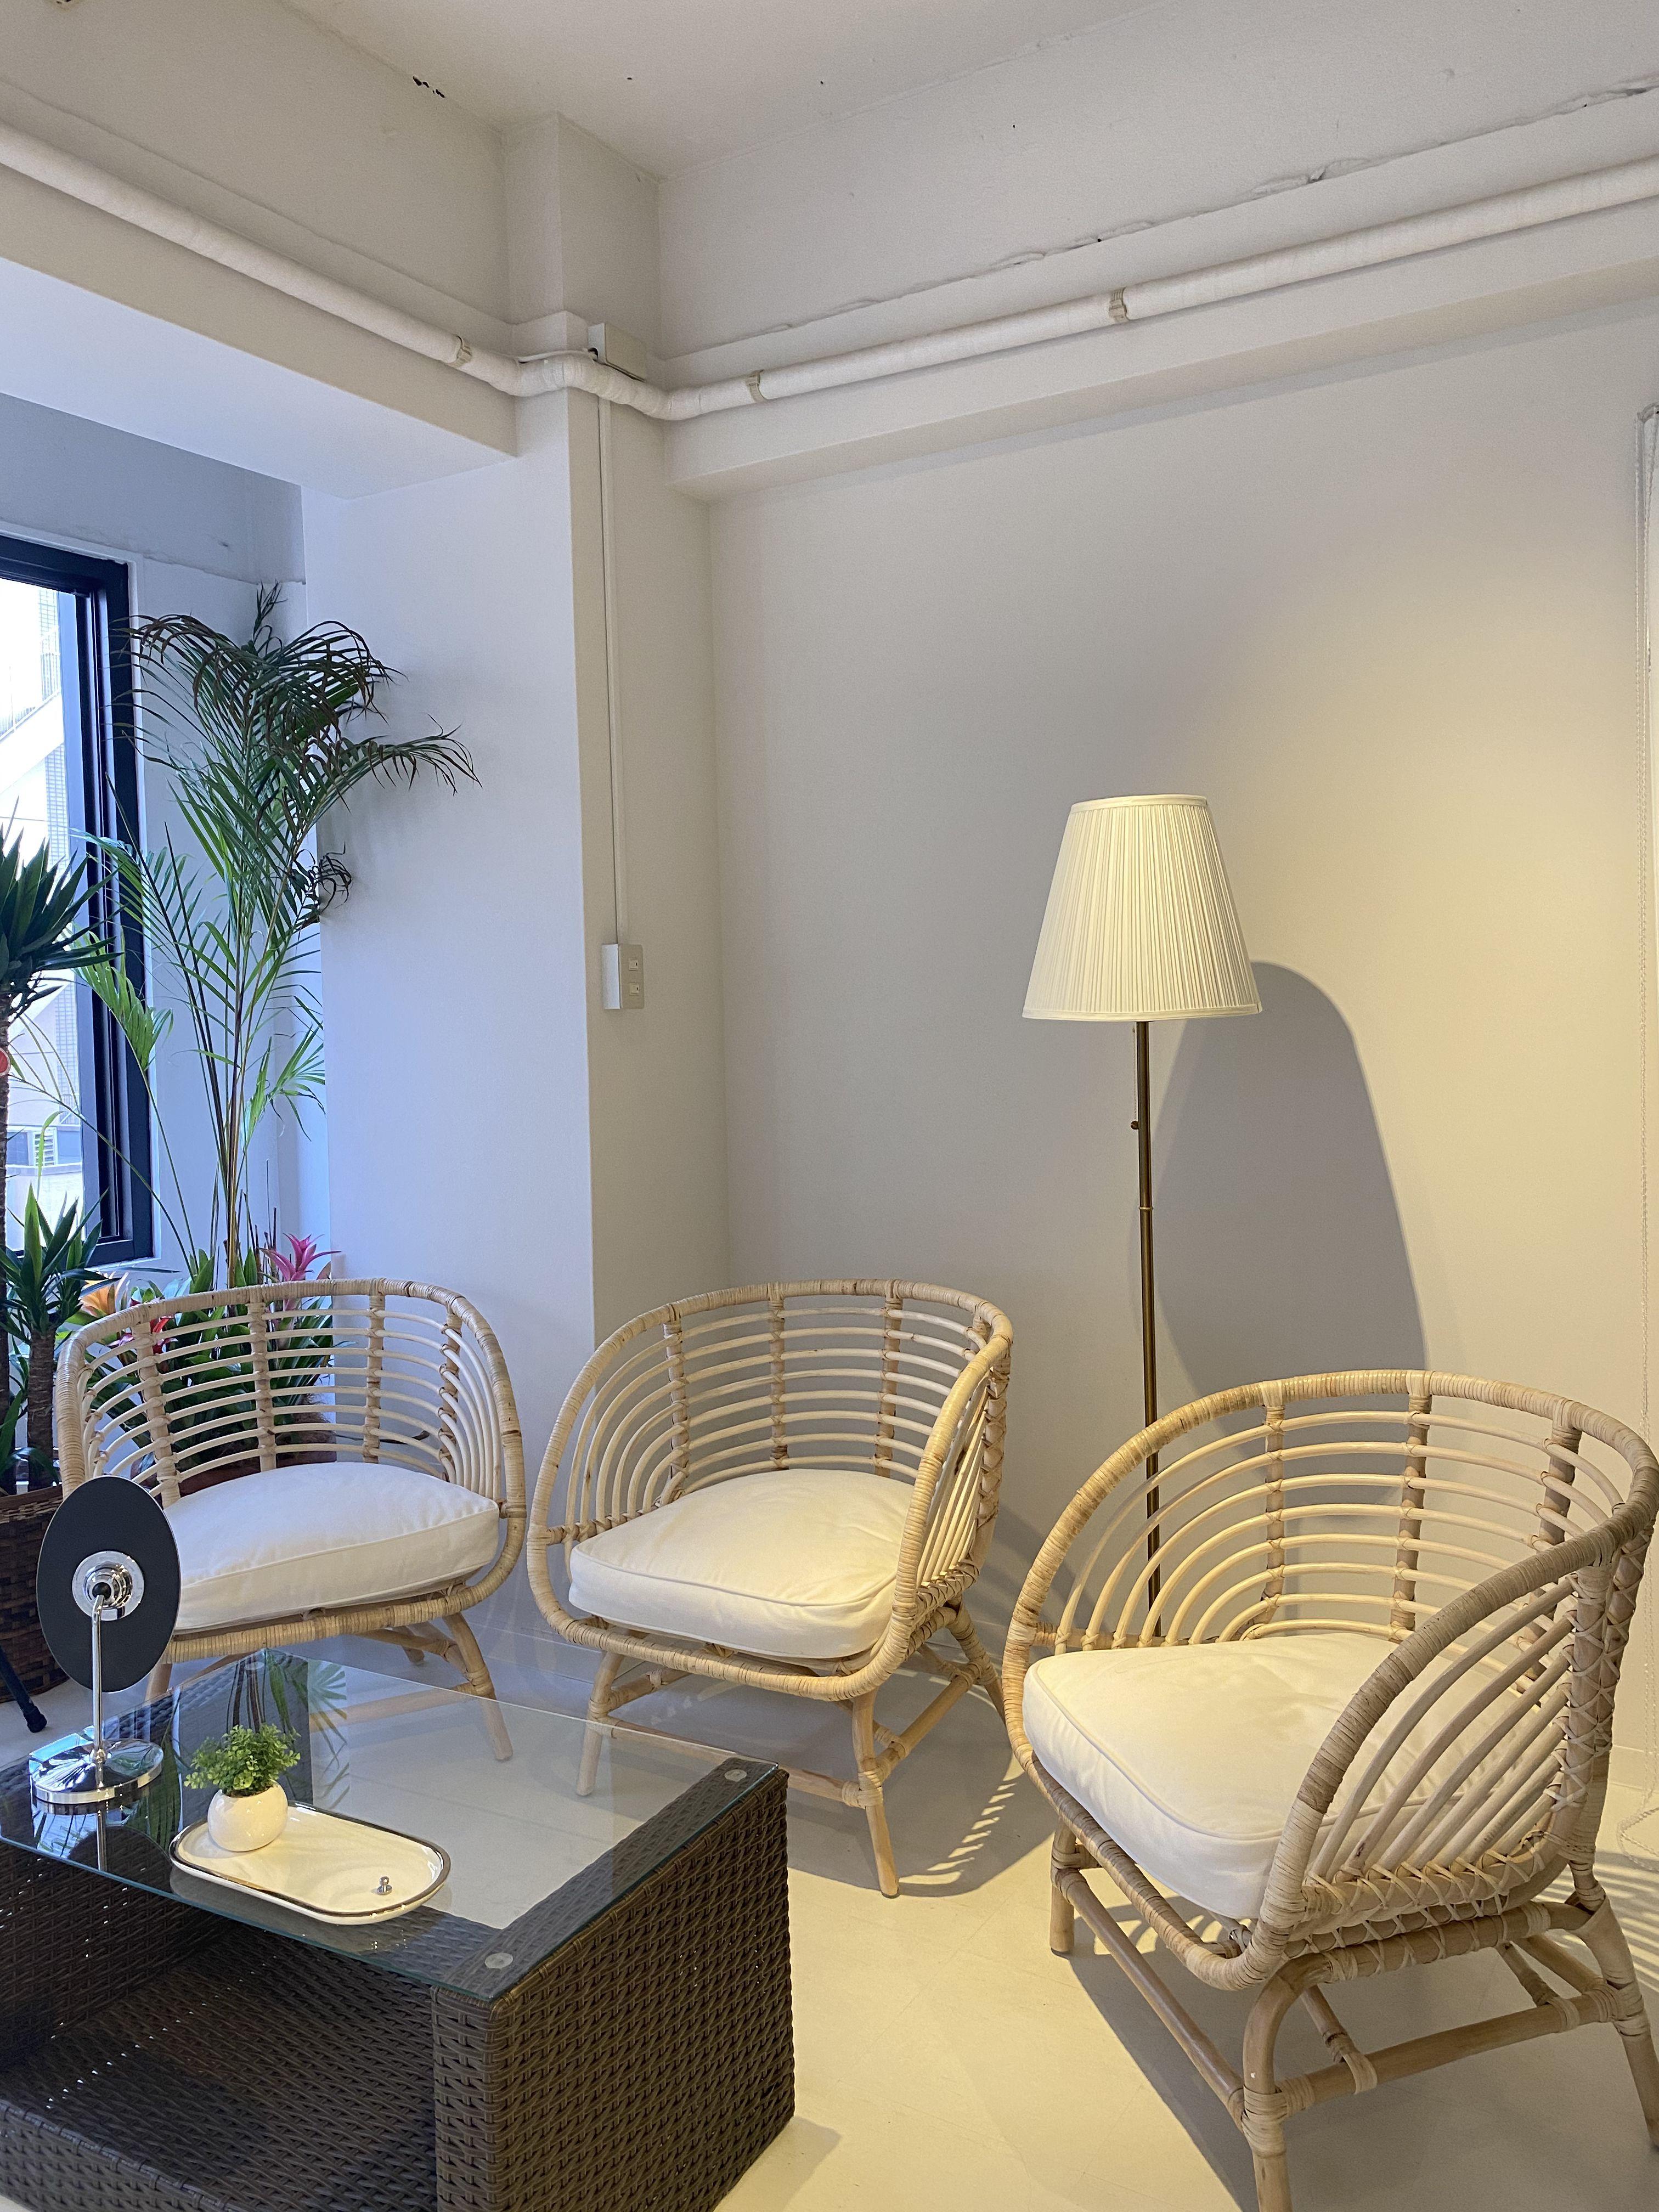 テラスぽい雰囲気でオシャレに撮影 - KIRKE(キルケ)スタジオ 個人撮影、料理撮影、会議室の室内の写真